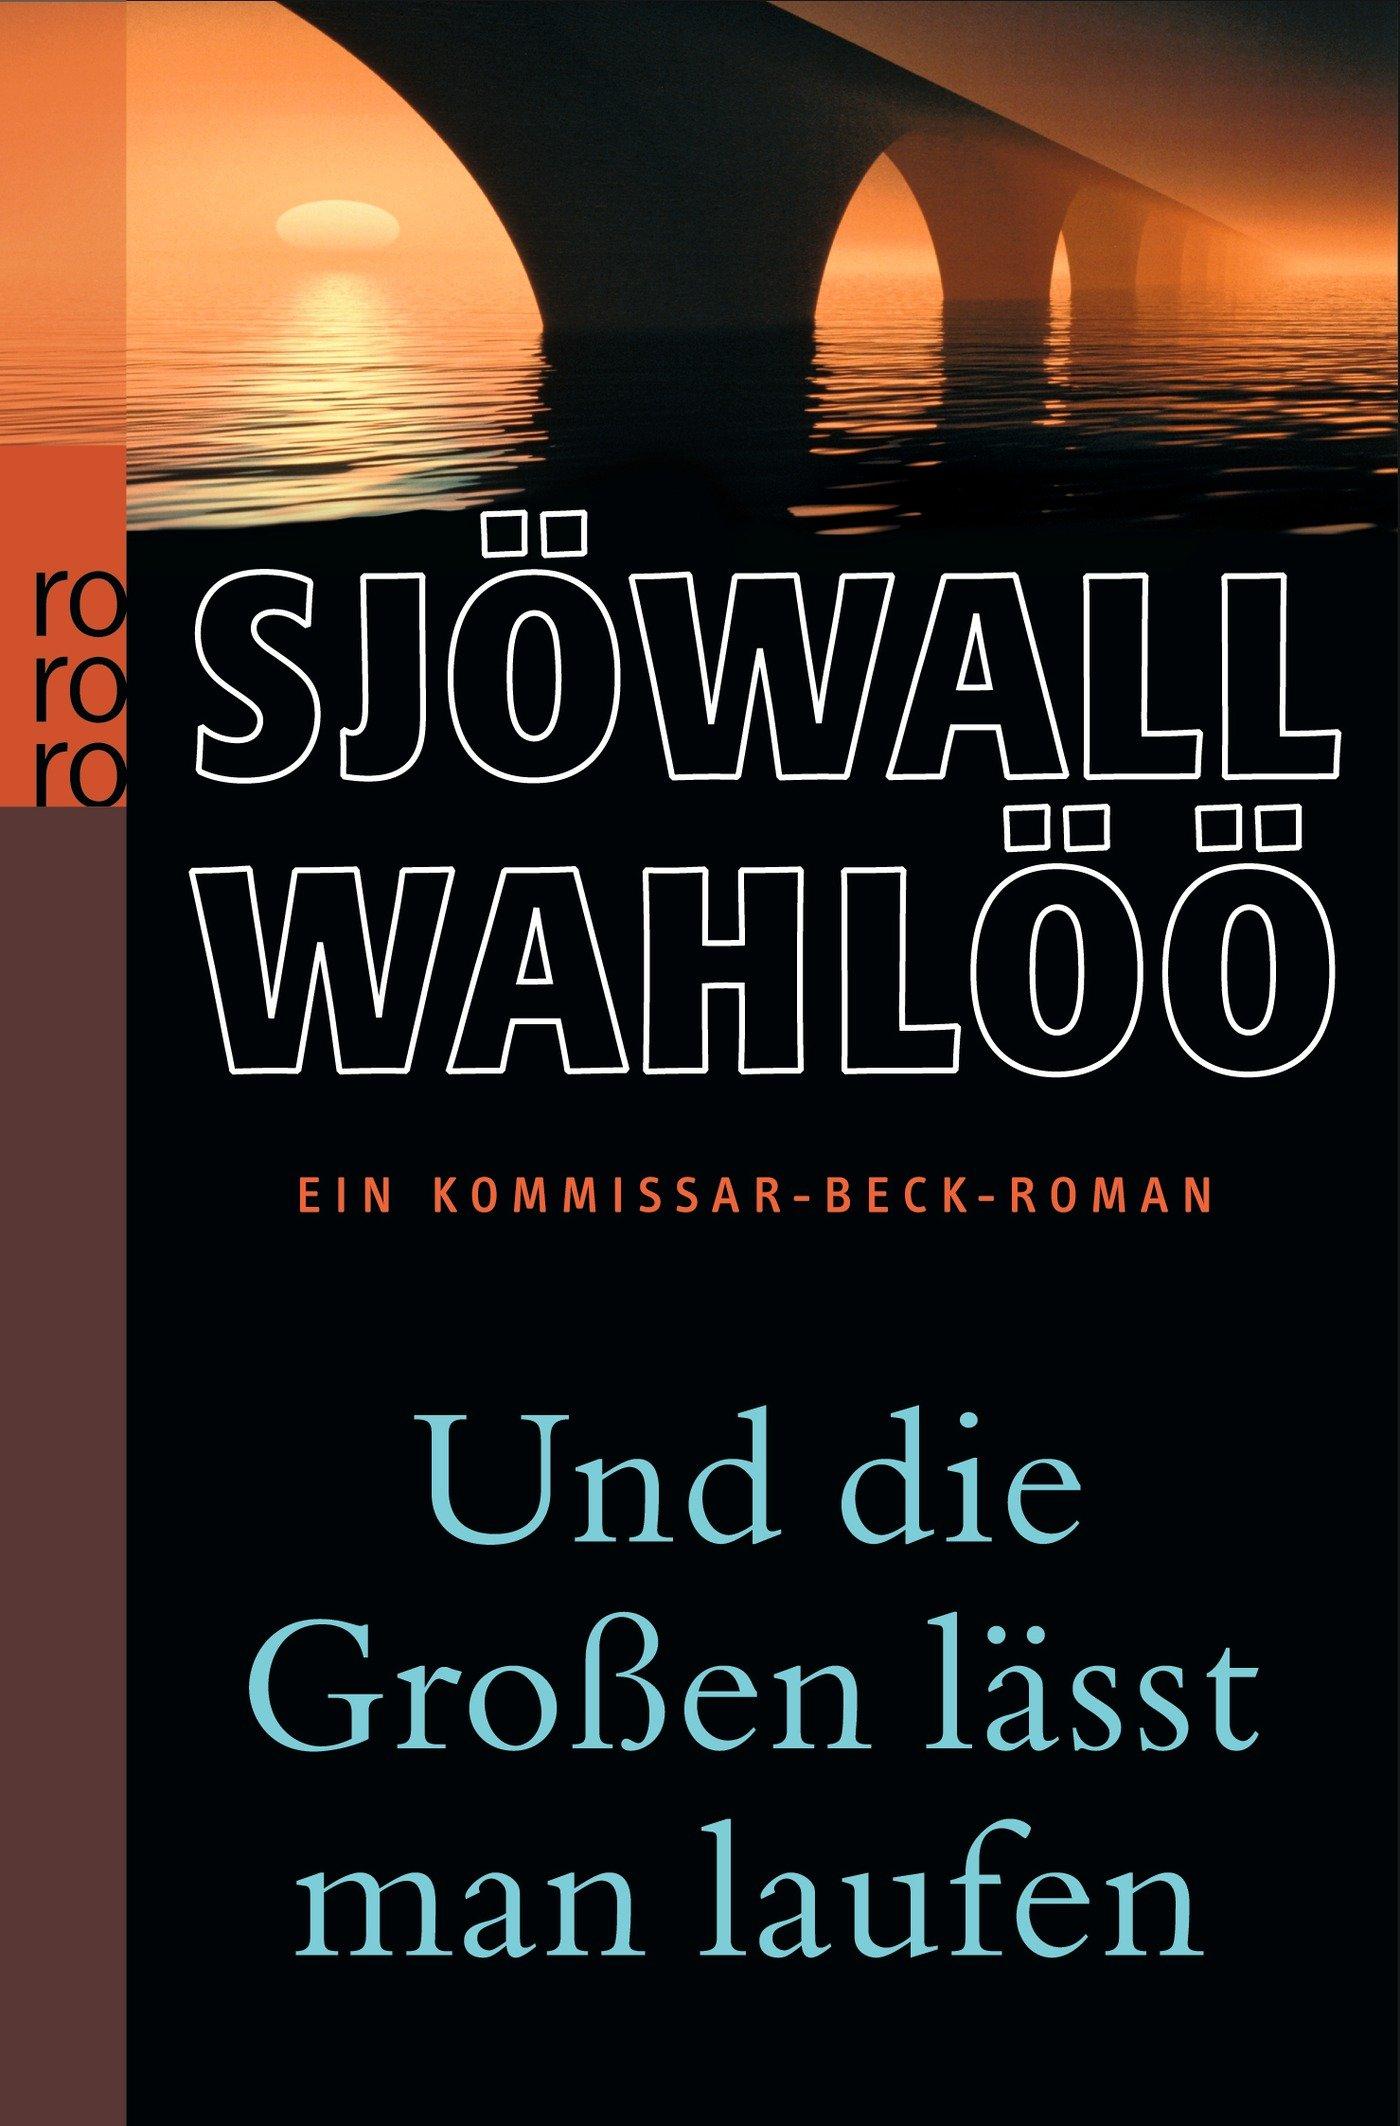 Maj Sjöwall / Per Wahlöö - Und die Großen lässt man laufen. Kommissar Beck ermittelt (Martin Beck 6)